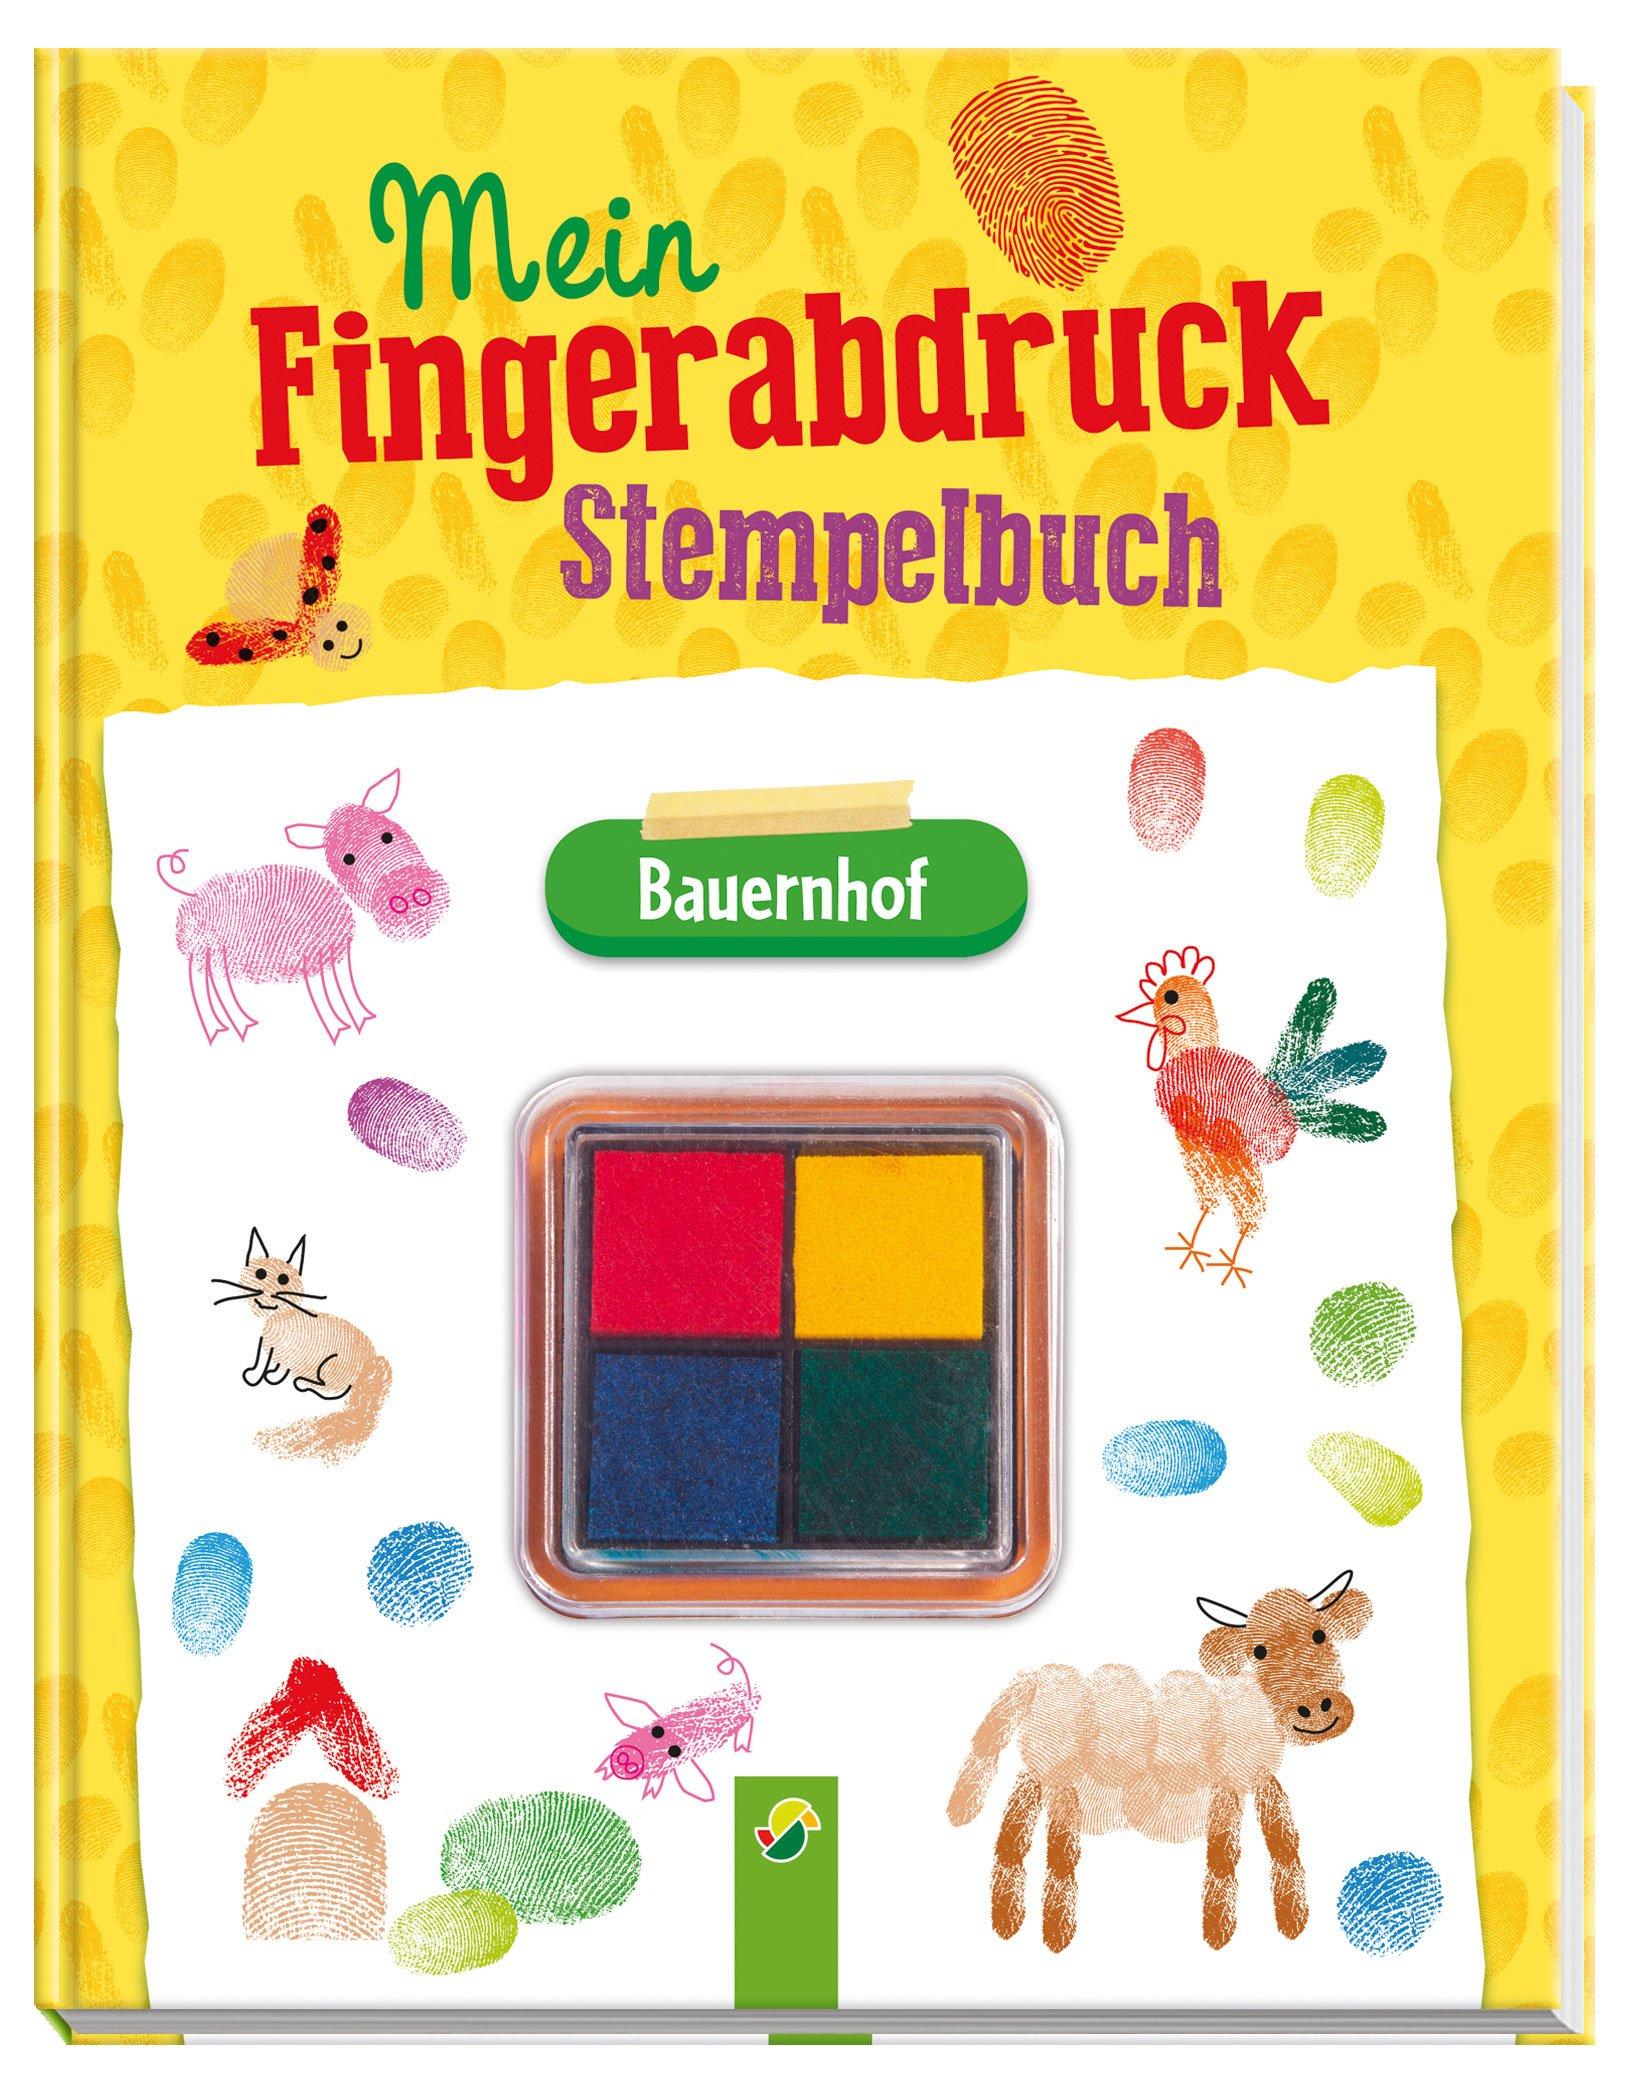 Mein Fingerabdruck Stempelbuch Bauernhof Mit Vierfarbigem Stempelkissen 9783849910143 Amazon Com Books